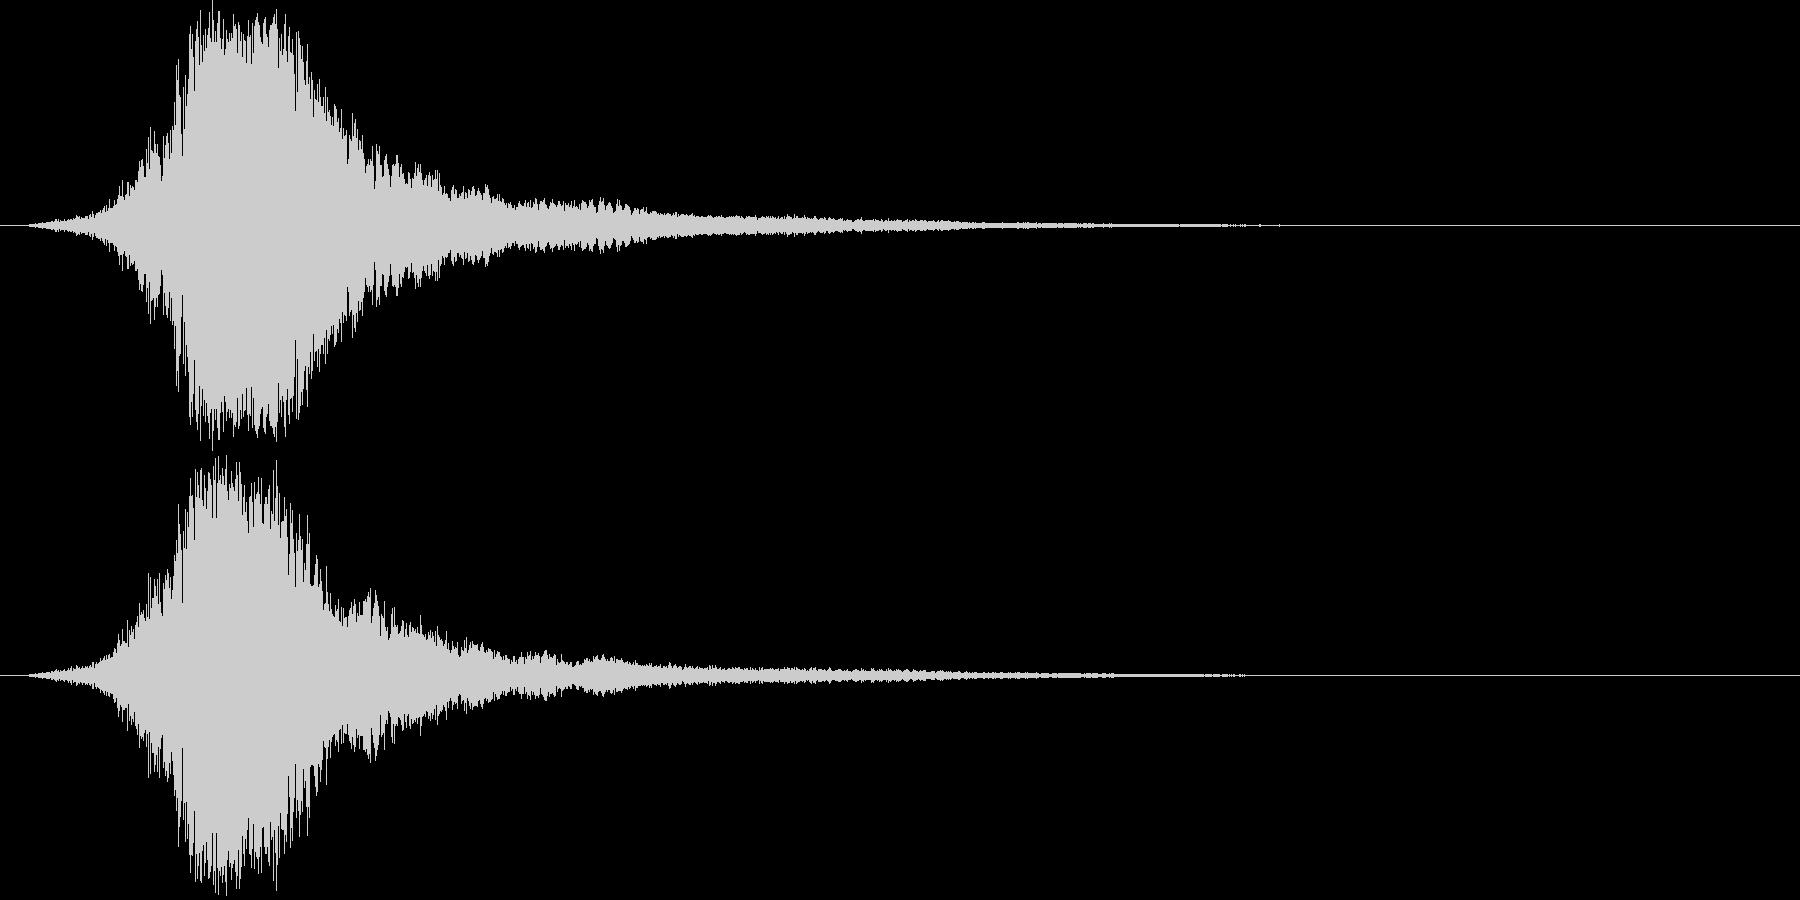 シャキーン 派手なインパクト音4の未再生の波形